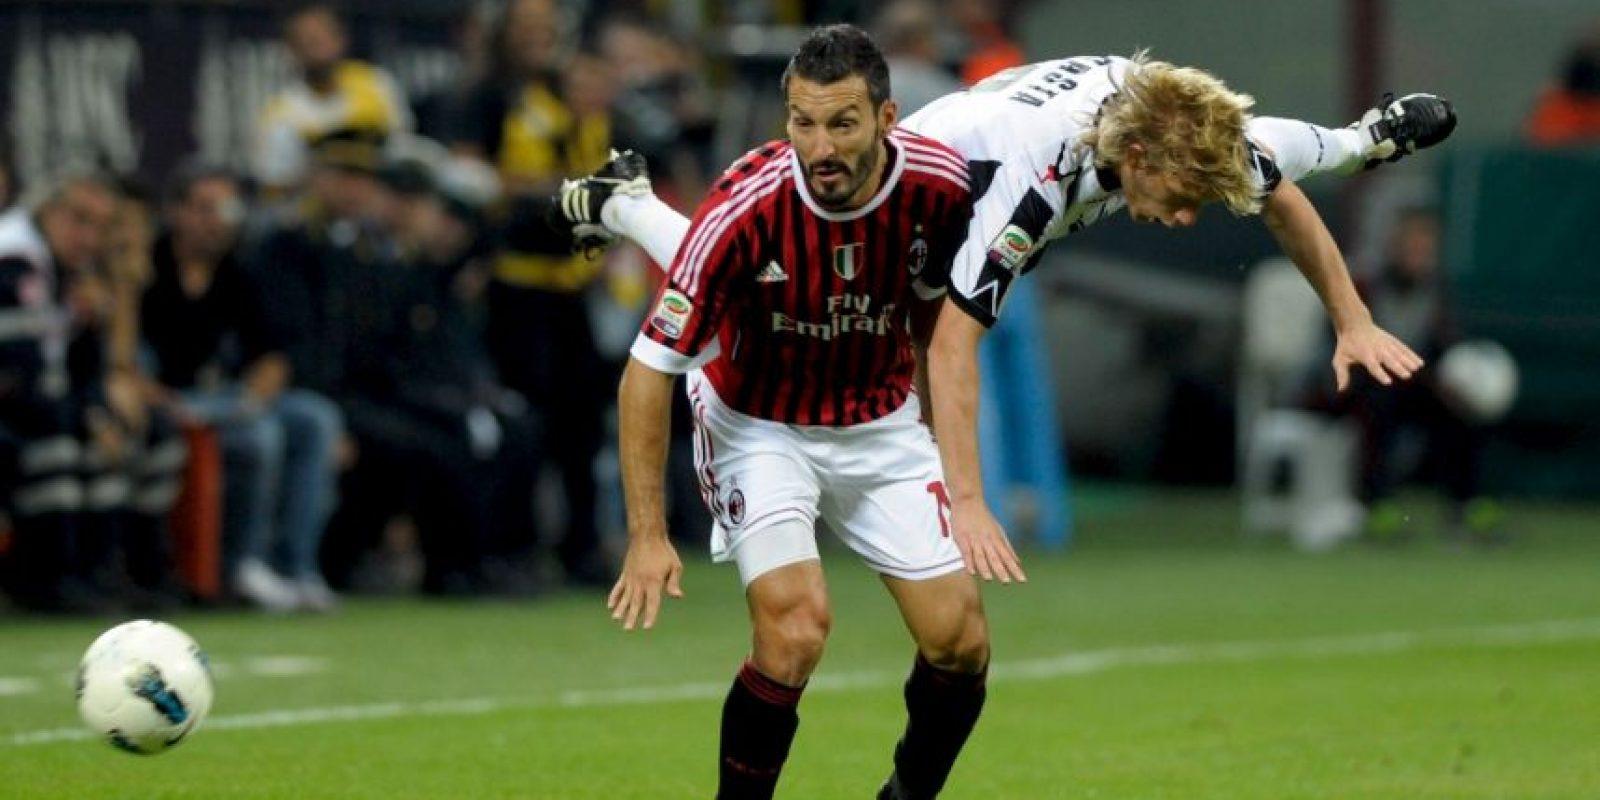 Entre otros clubes, militó en Juventus, Milán y Barcelona Foto:Getty Images